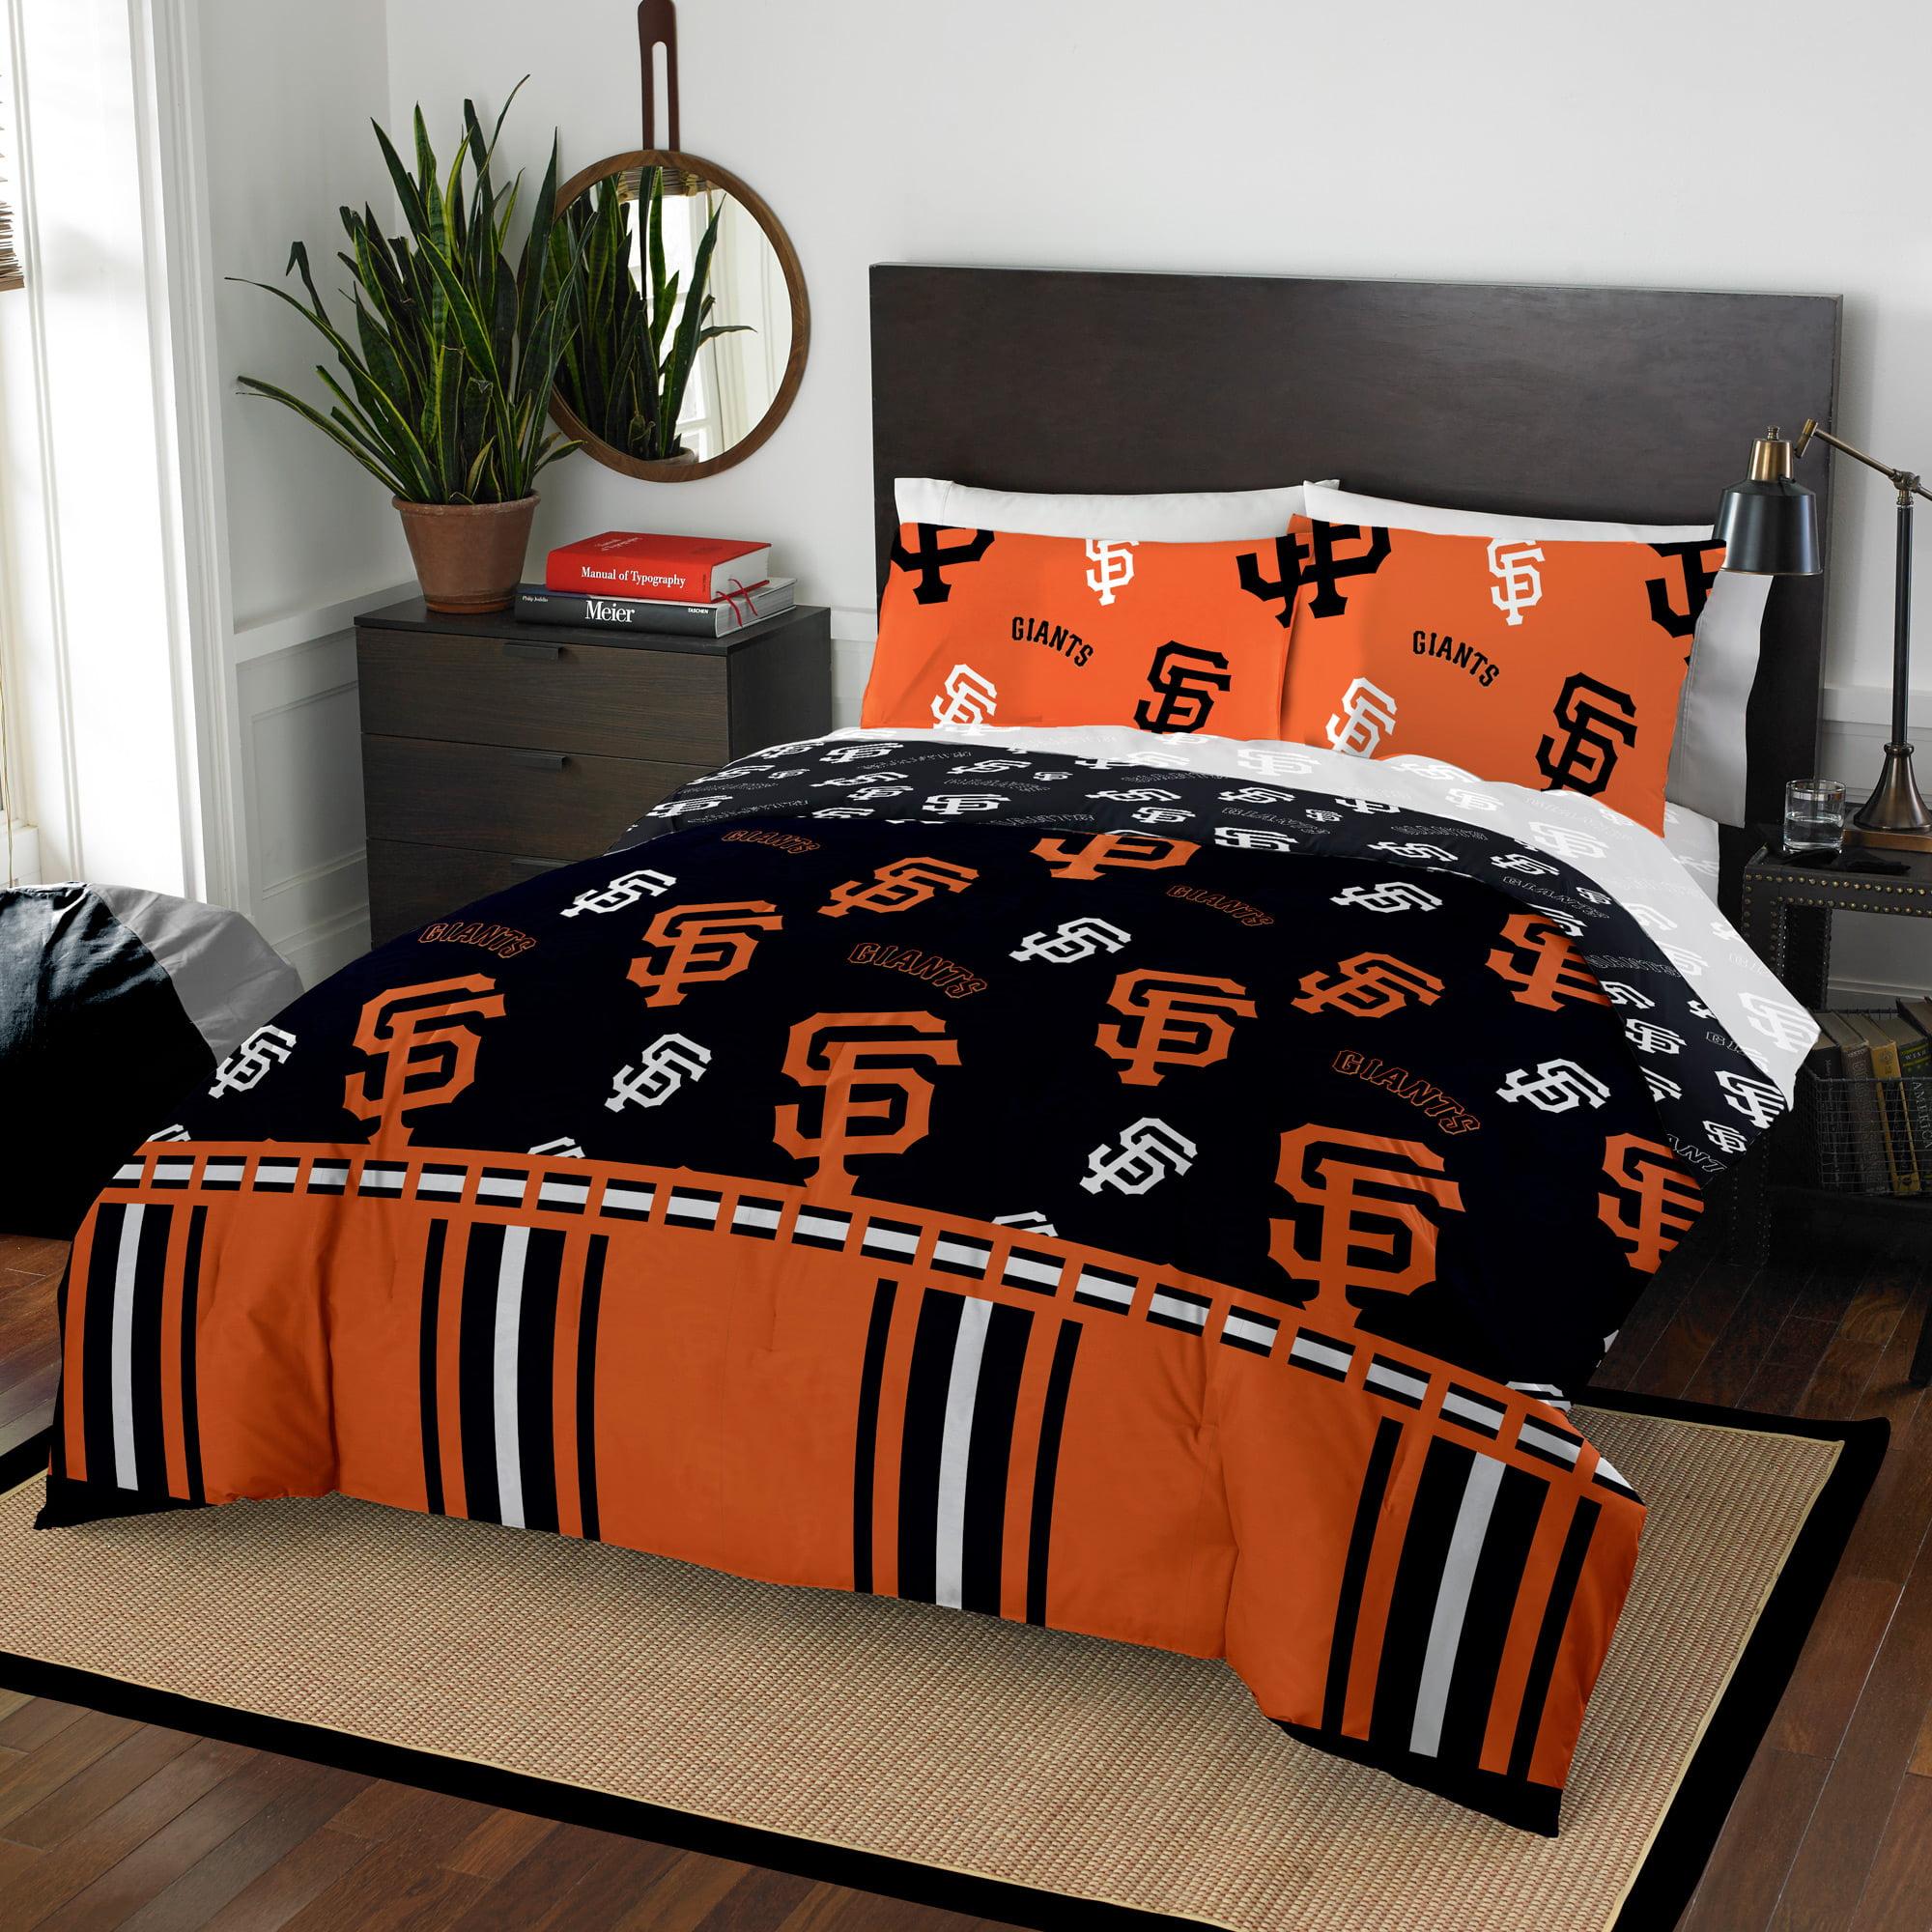 San Francisco Giants Queen Bed In Bag Set